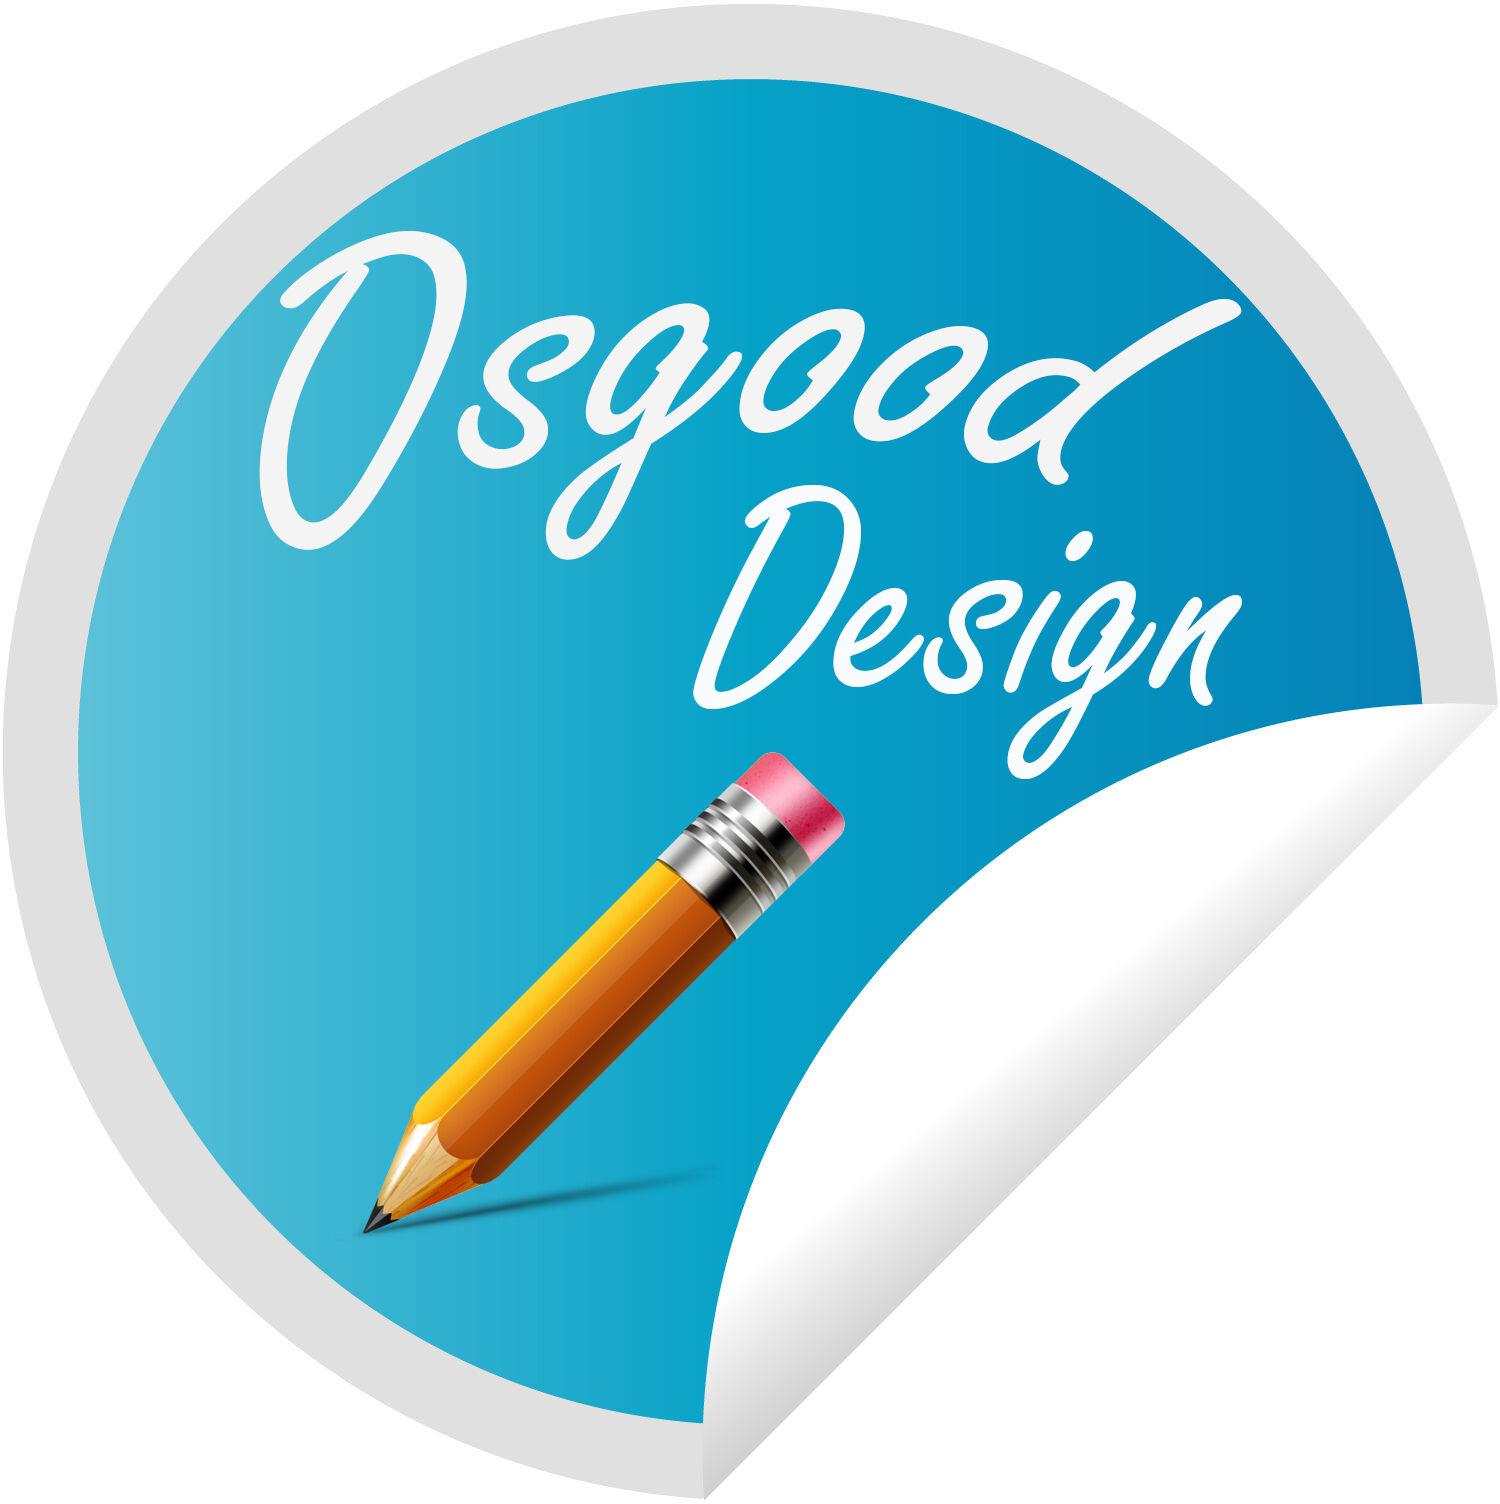 osgood.design